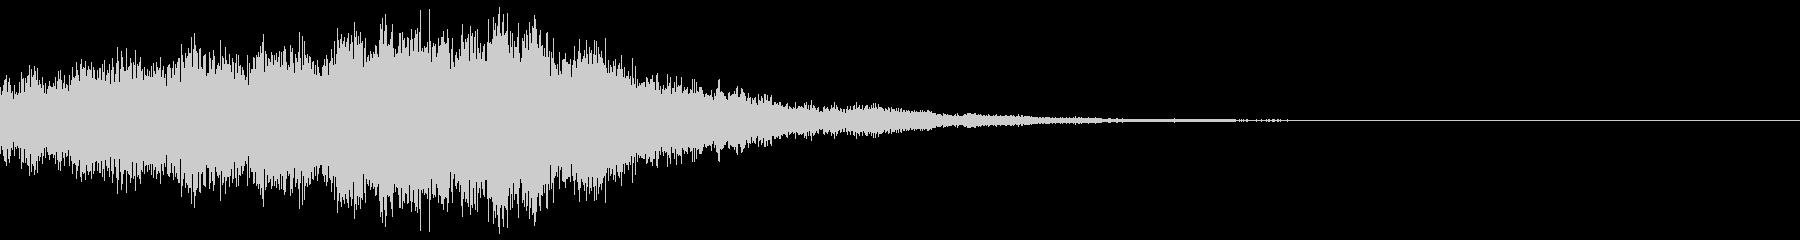 サウンドロゴ37_シンセDUの未再生の波形